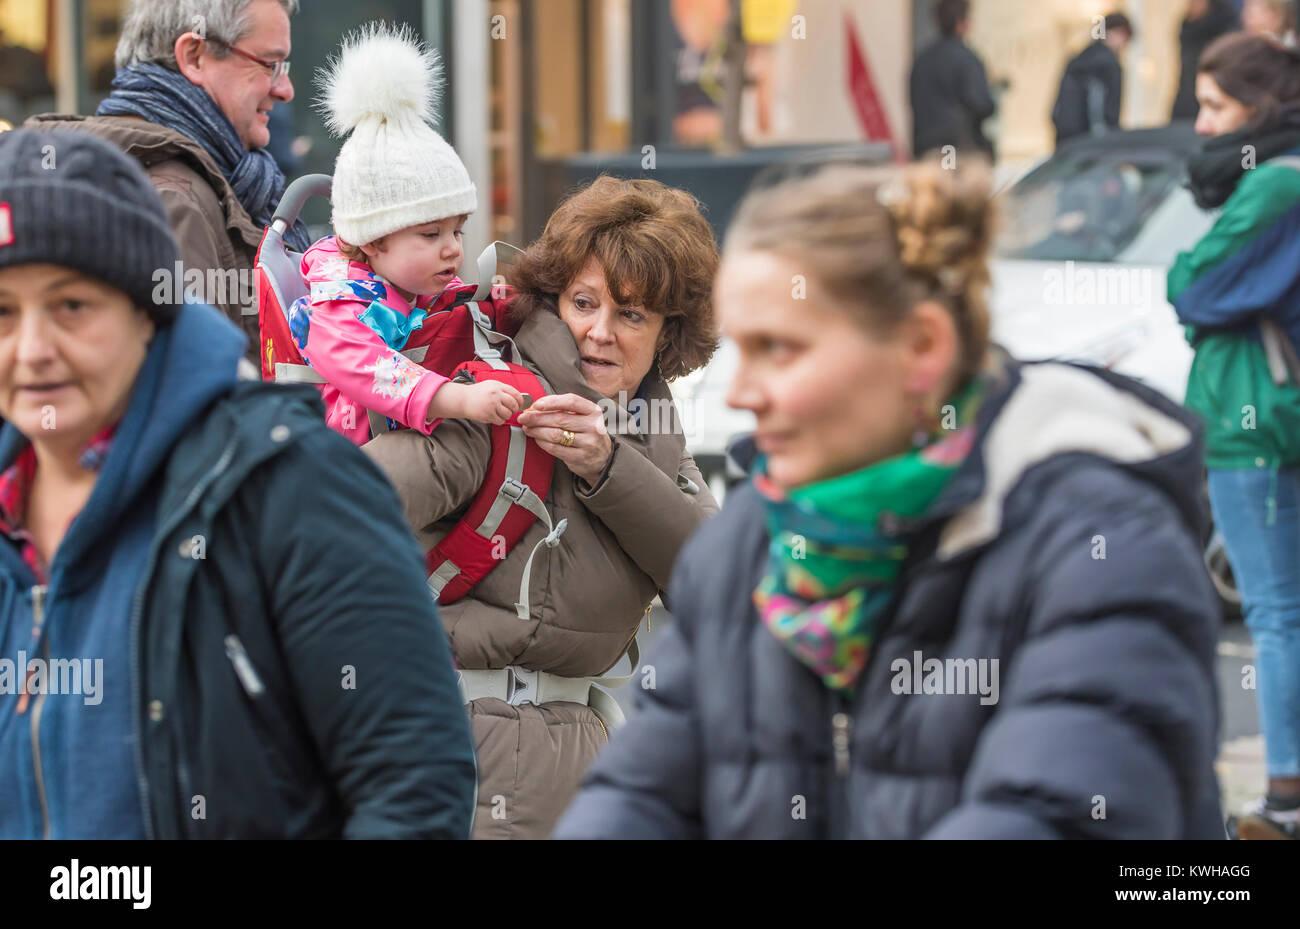 Donna di trasportare un bambino sulle sue spalle, una piggy back ride, tra la folla in una strada trafficata in Immagini Stock